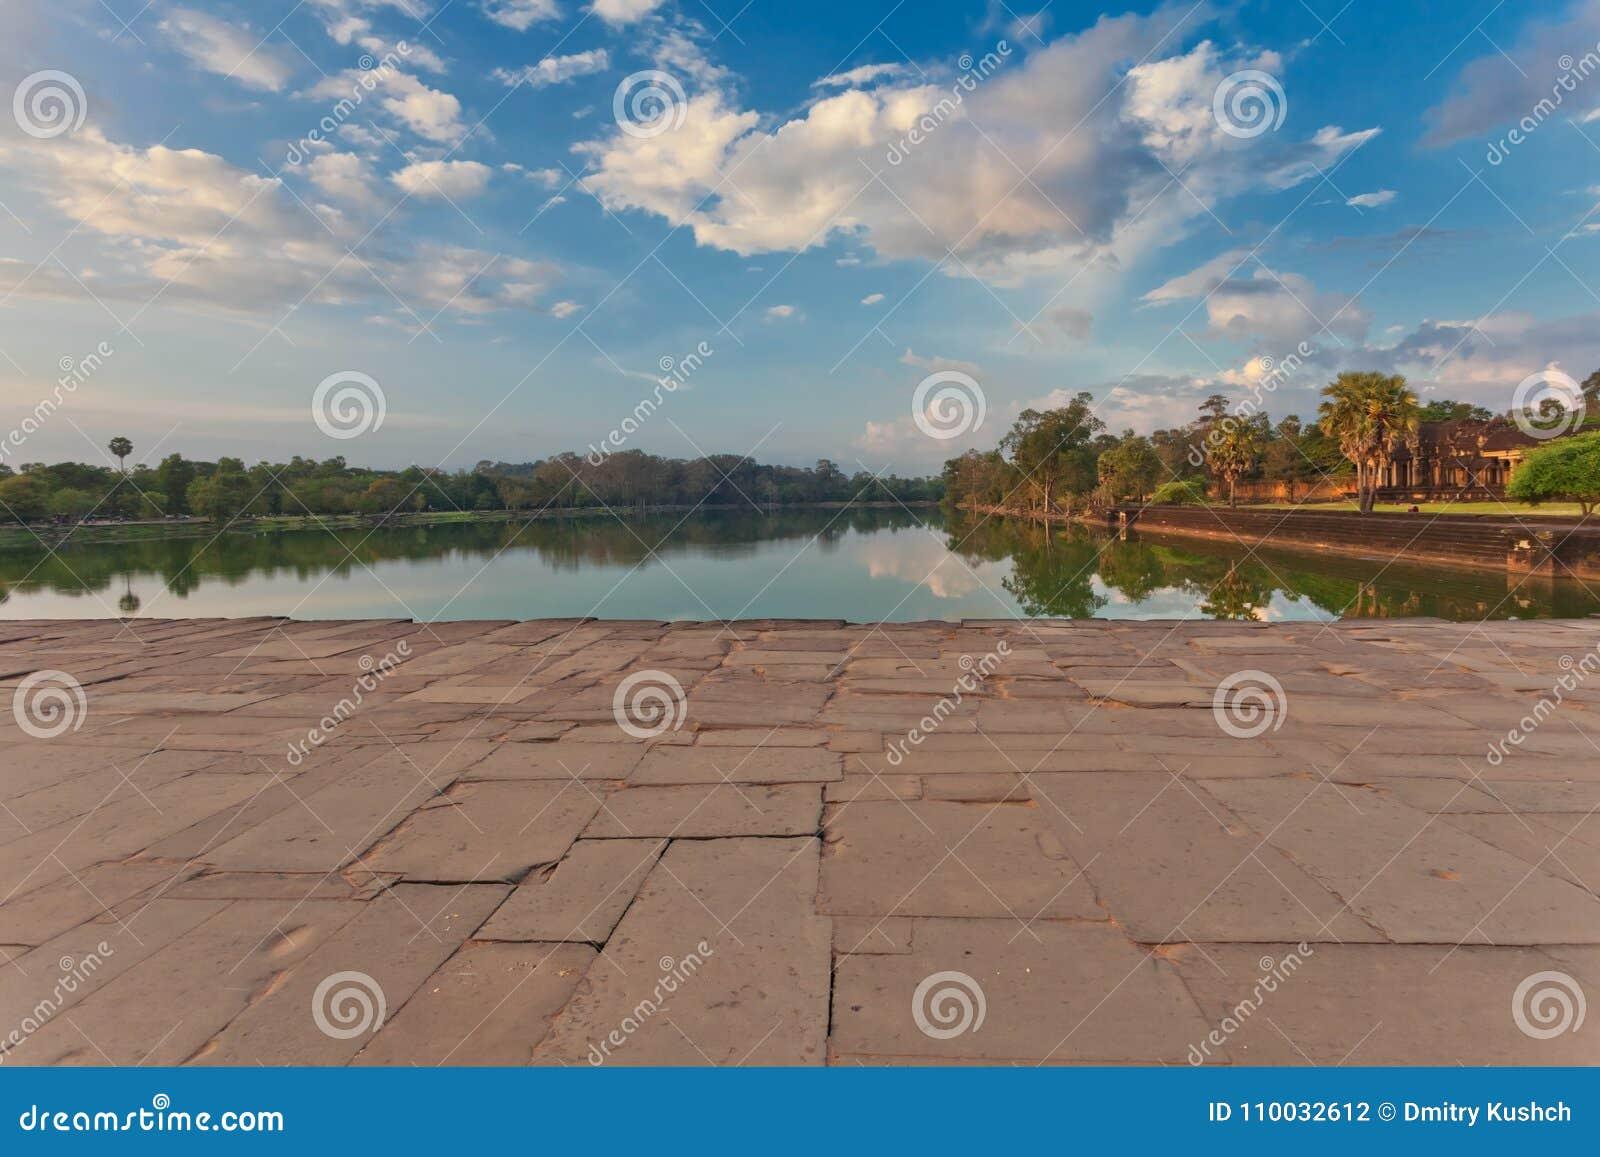 Rivier dichtbij oude boeddhistische Khmer tempel in Angkor complexe Wat